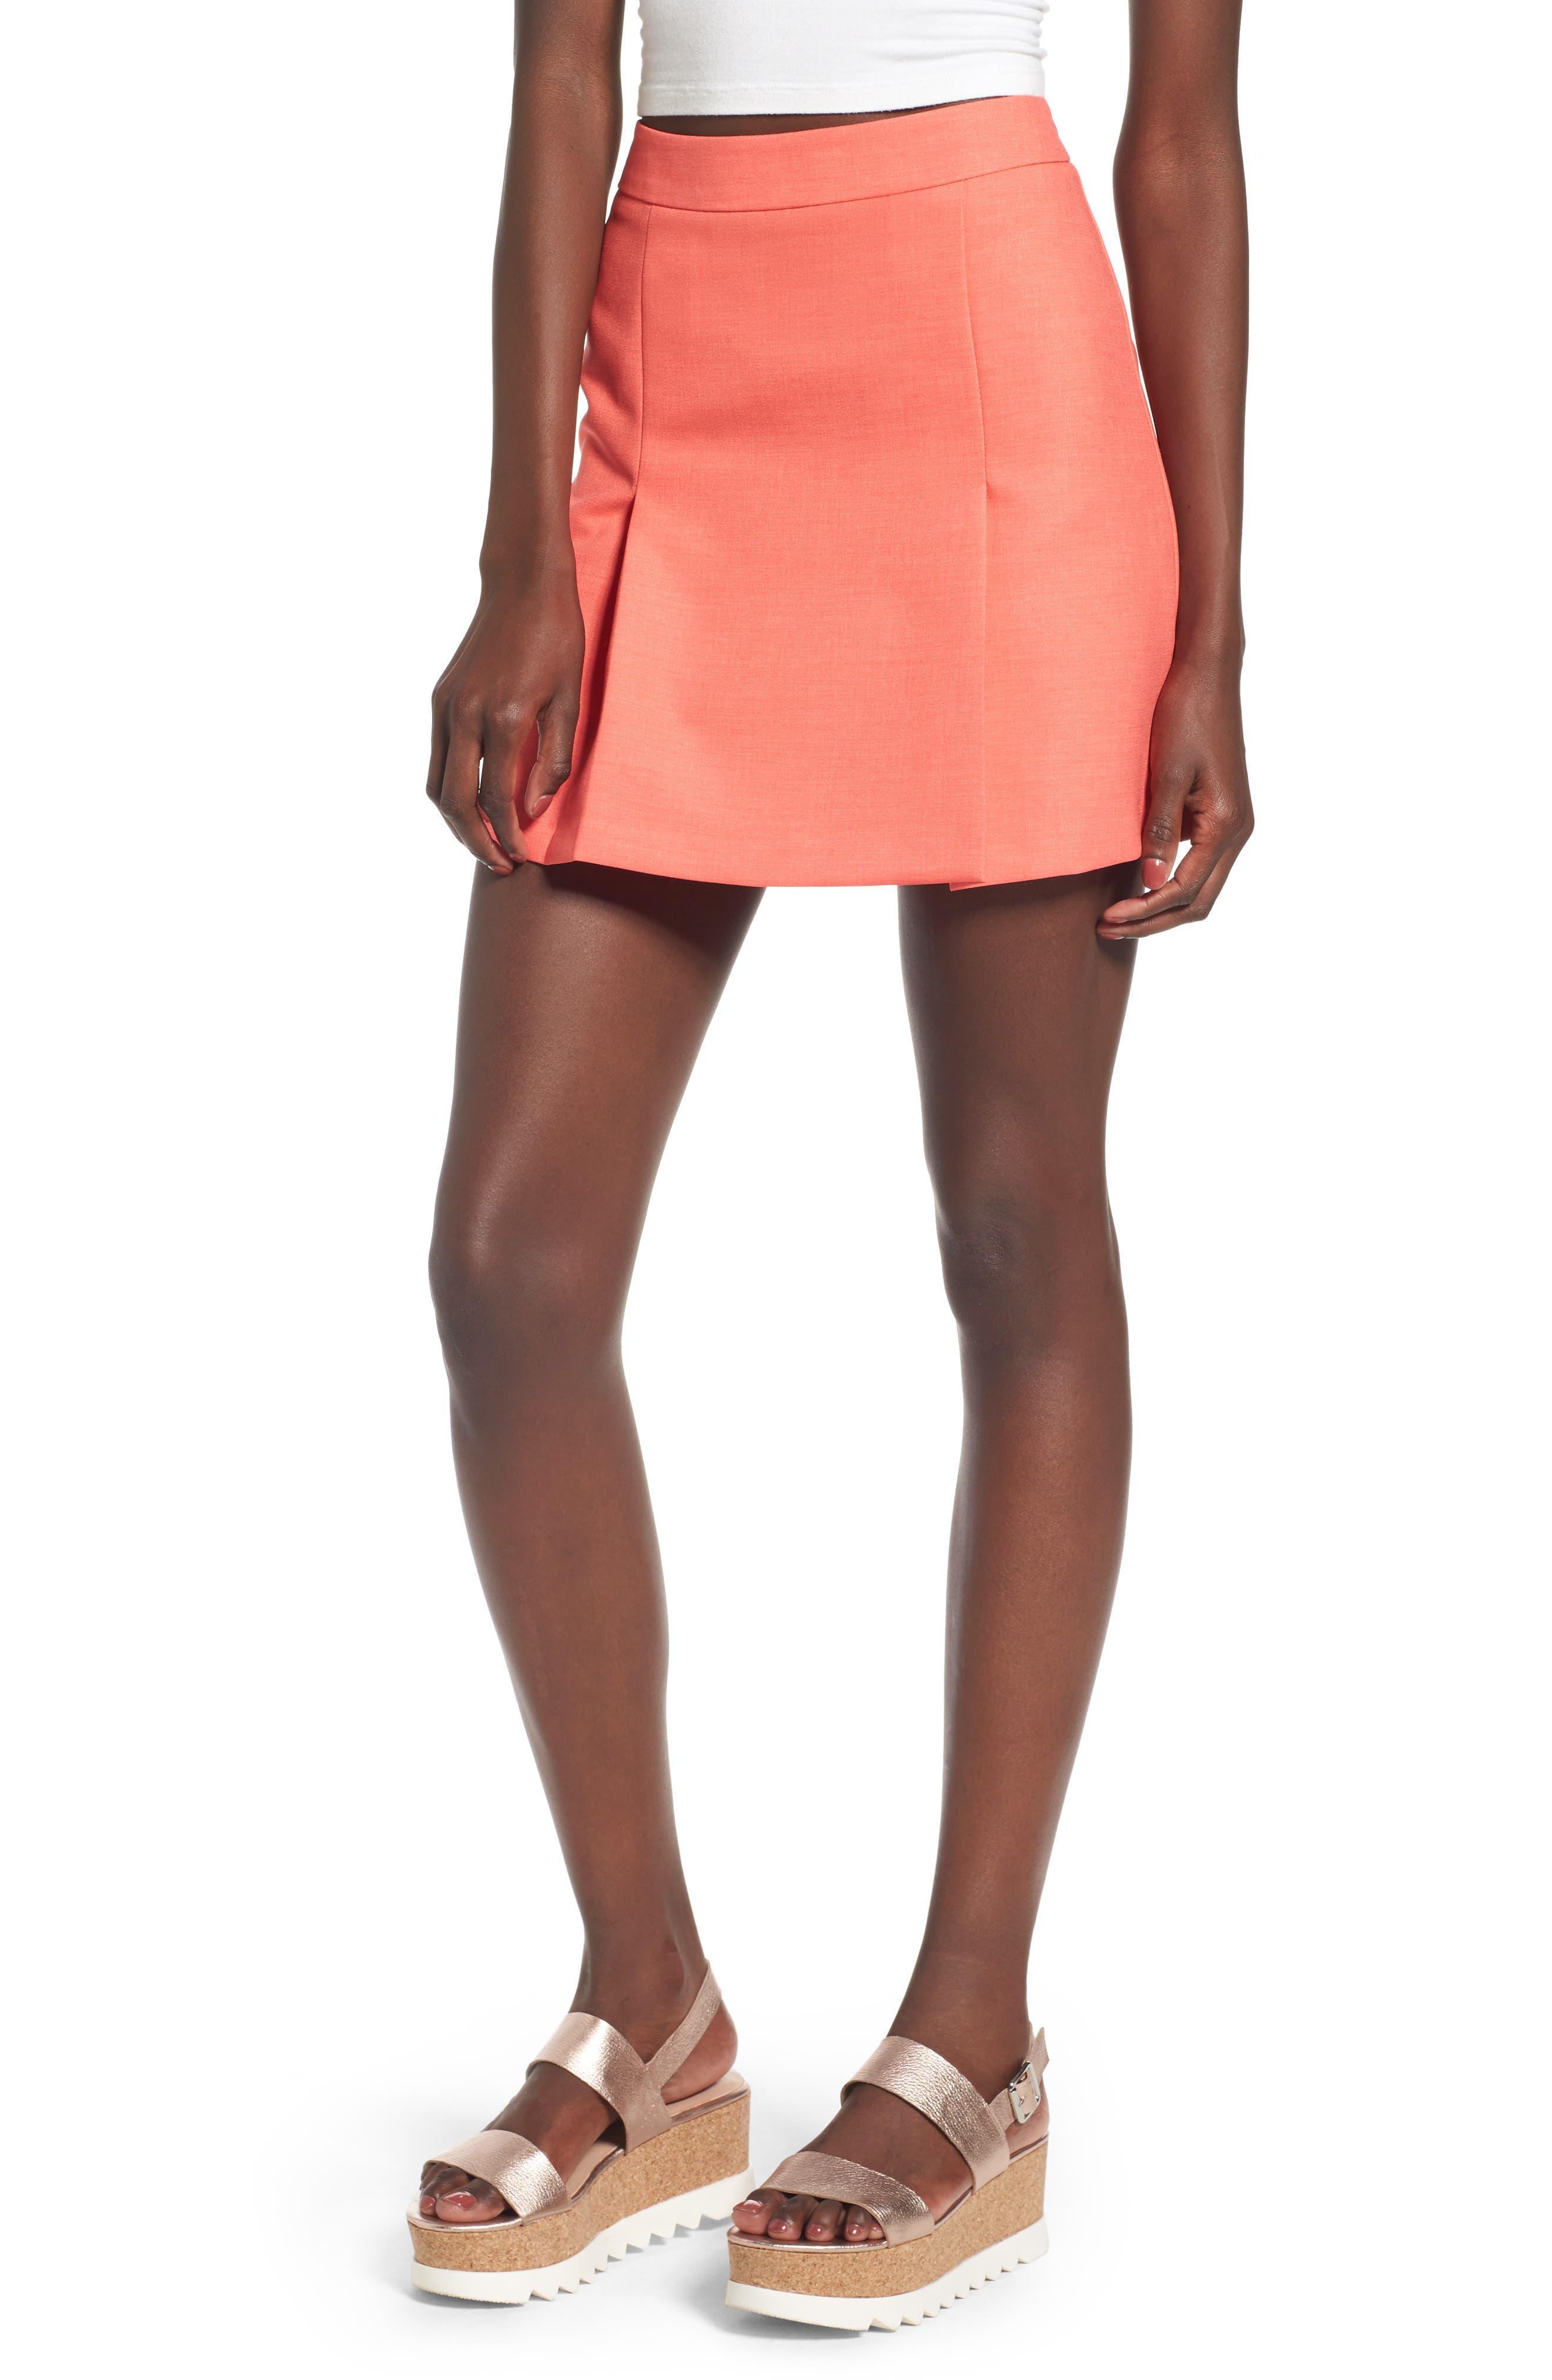 Topshop Pleat Miniskirt